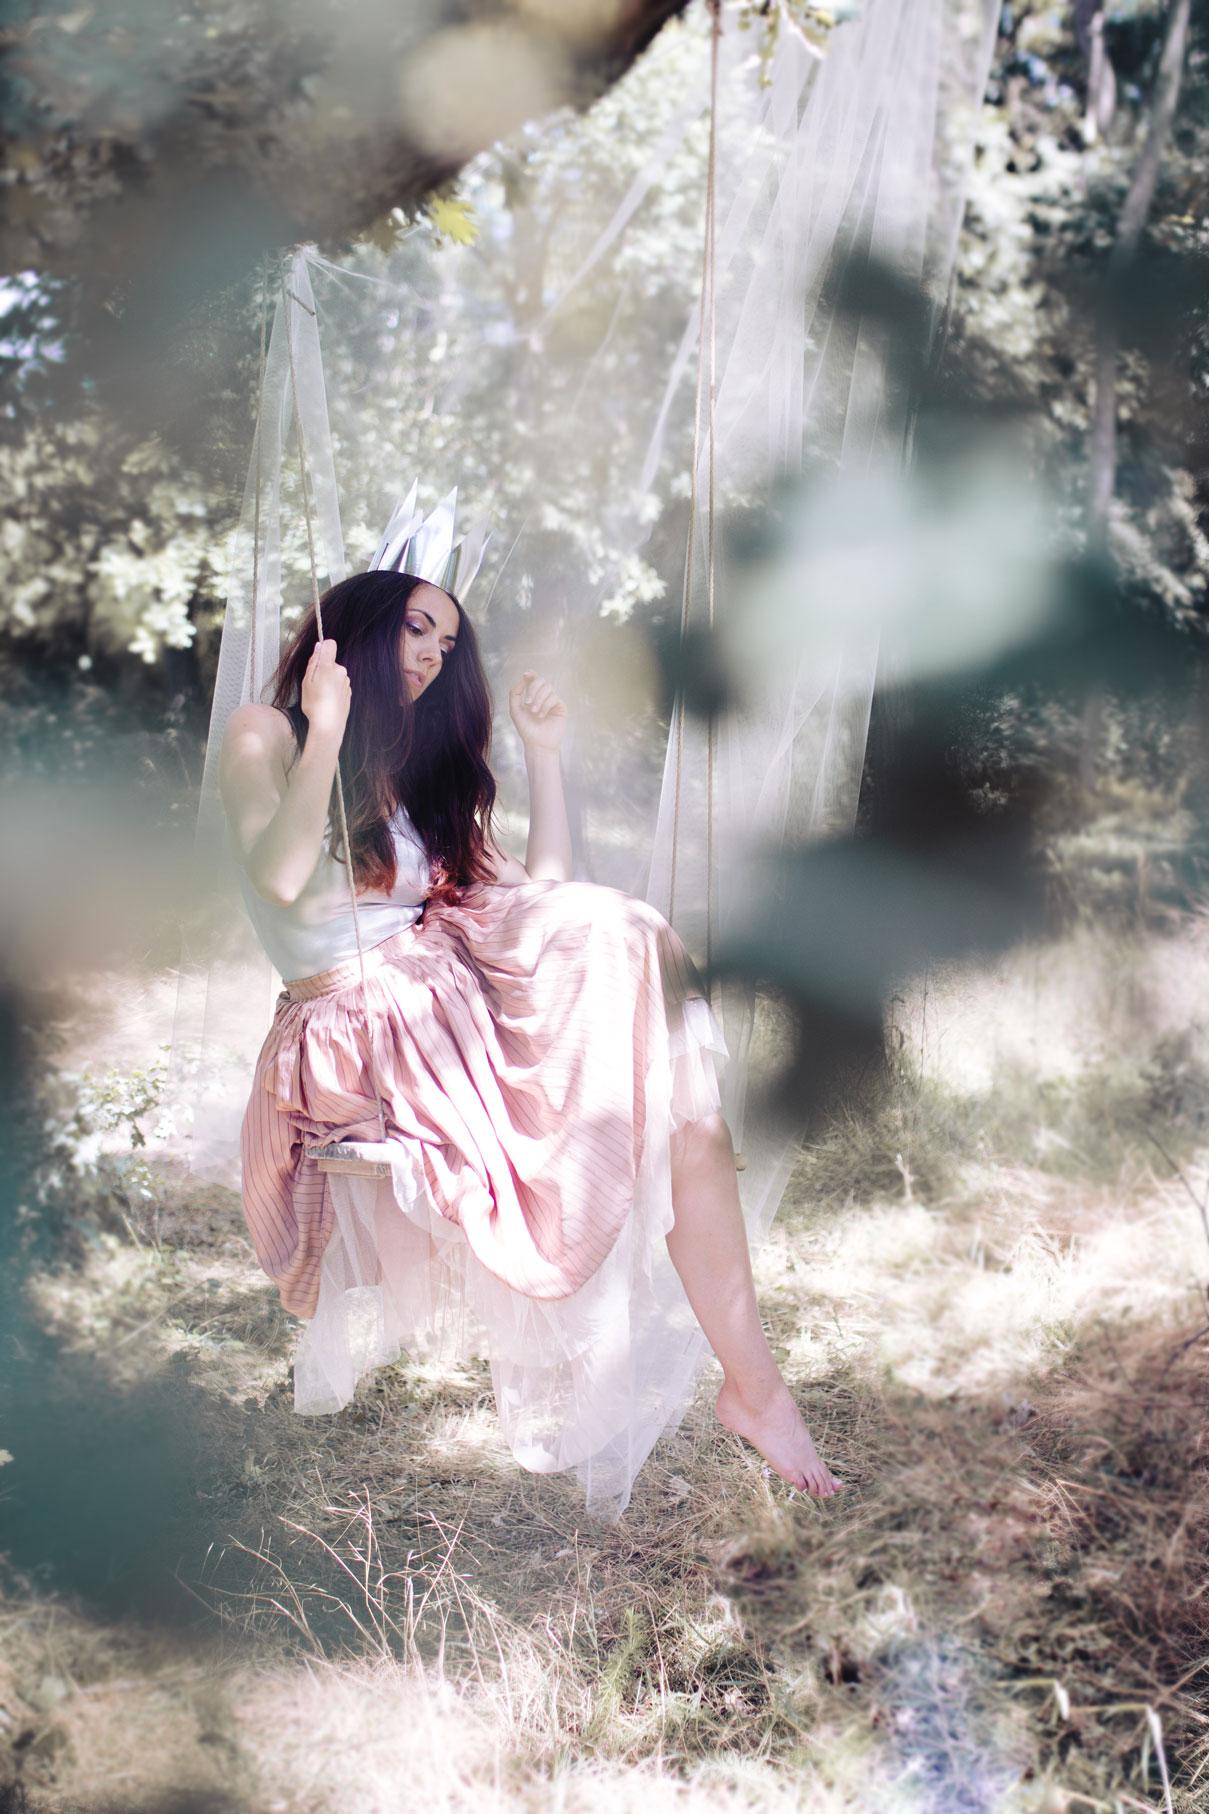 photographe portrait femme mode tours